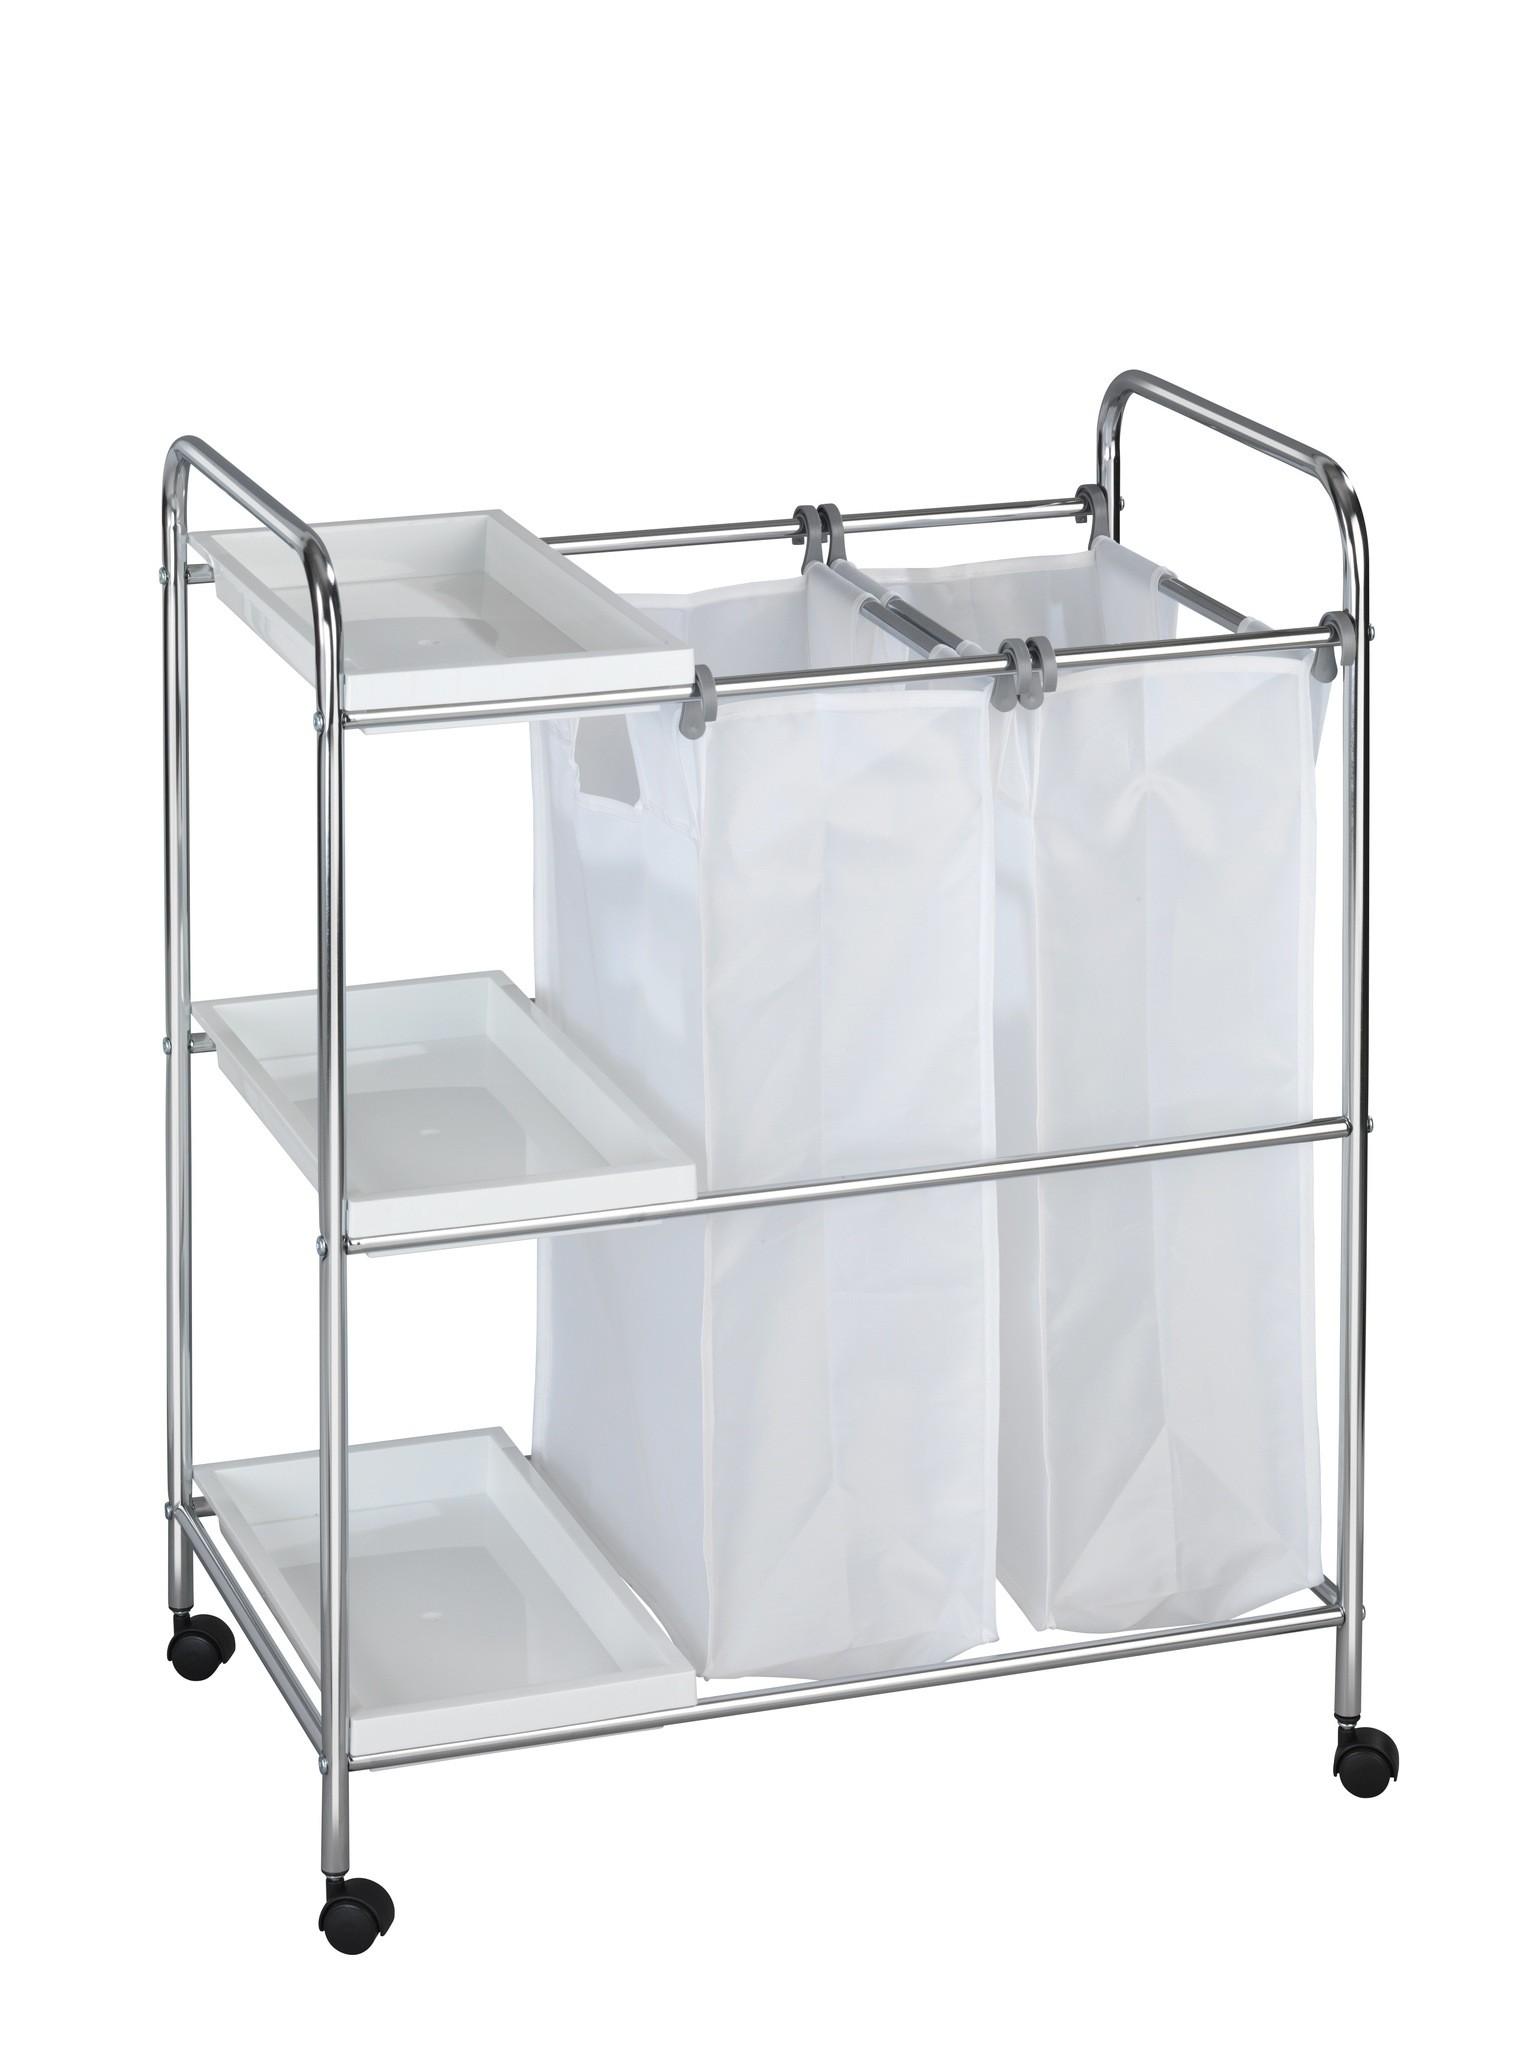 Wäschewagen Arona, 3 Ablagen, 2 Wäschesäcke